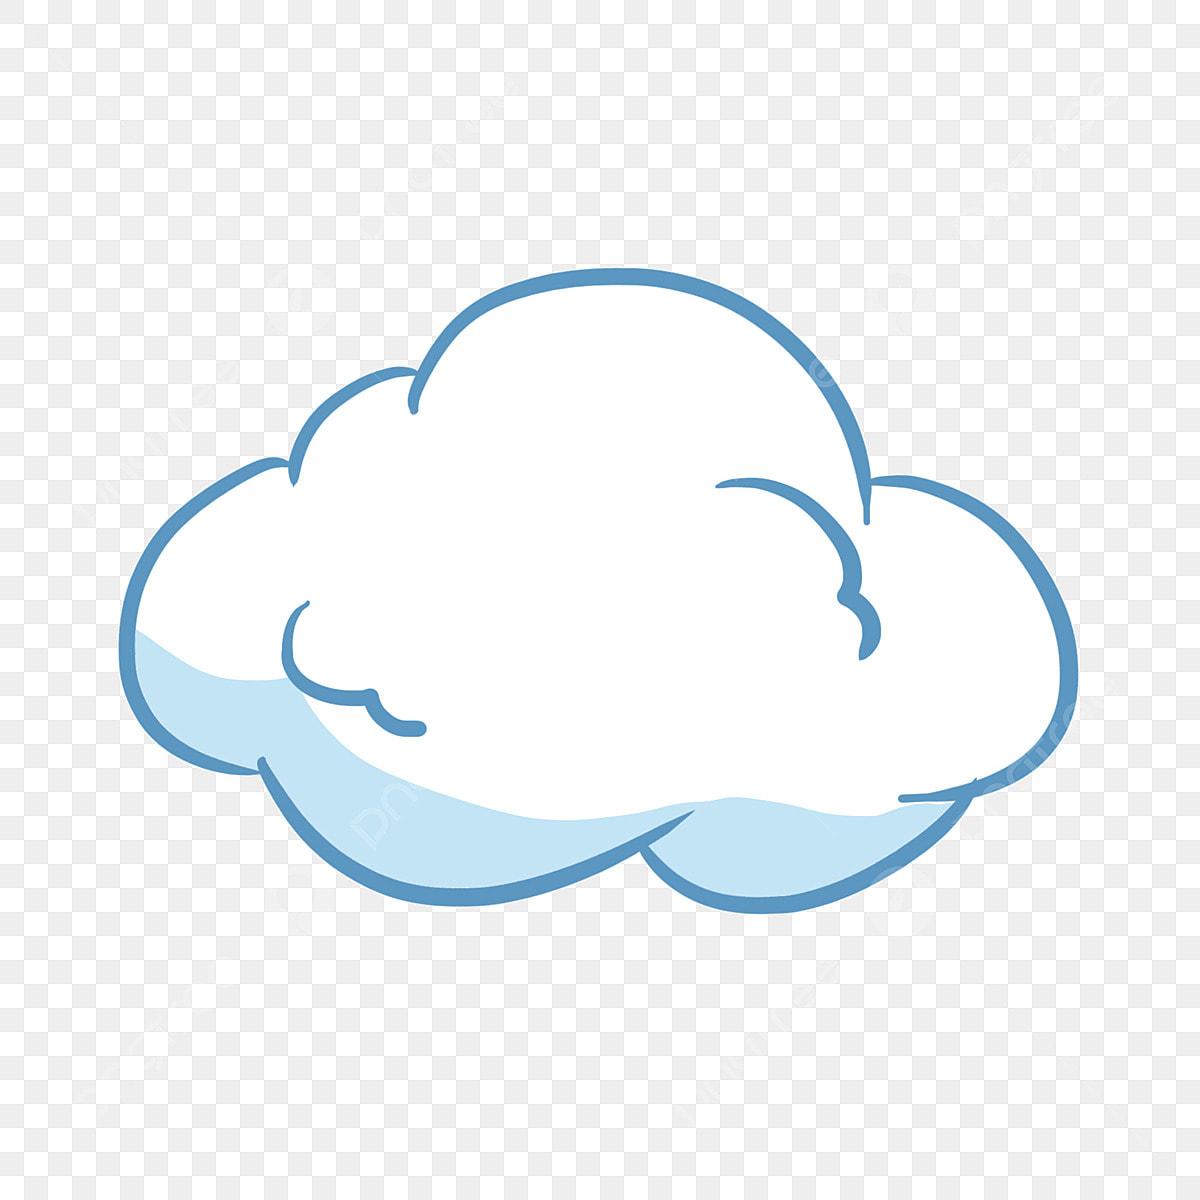 gambar awan kartun awan mudah kartun comel mudah percuma awan png dan psd untuk muat turun percuma https ms pngtree com freepng cartoon blue cloud free 4492454 html